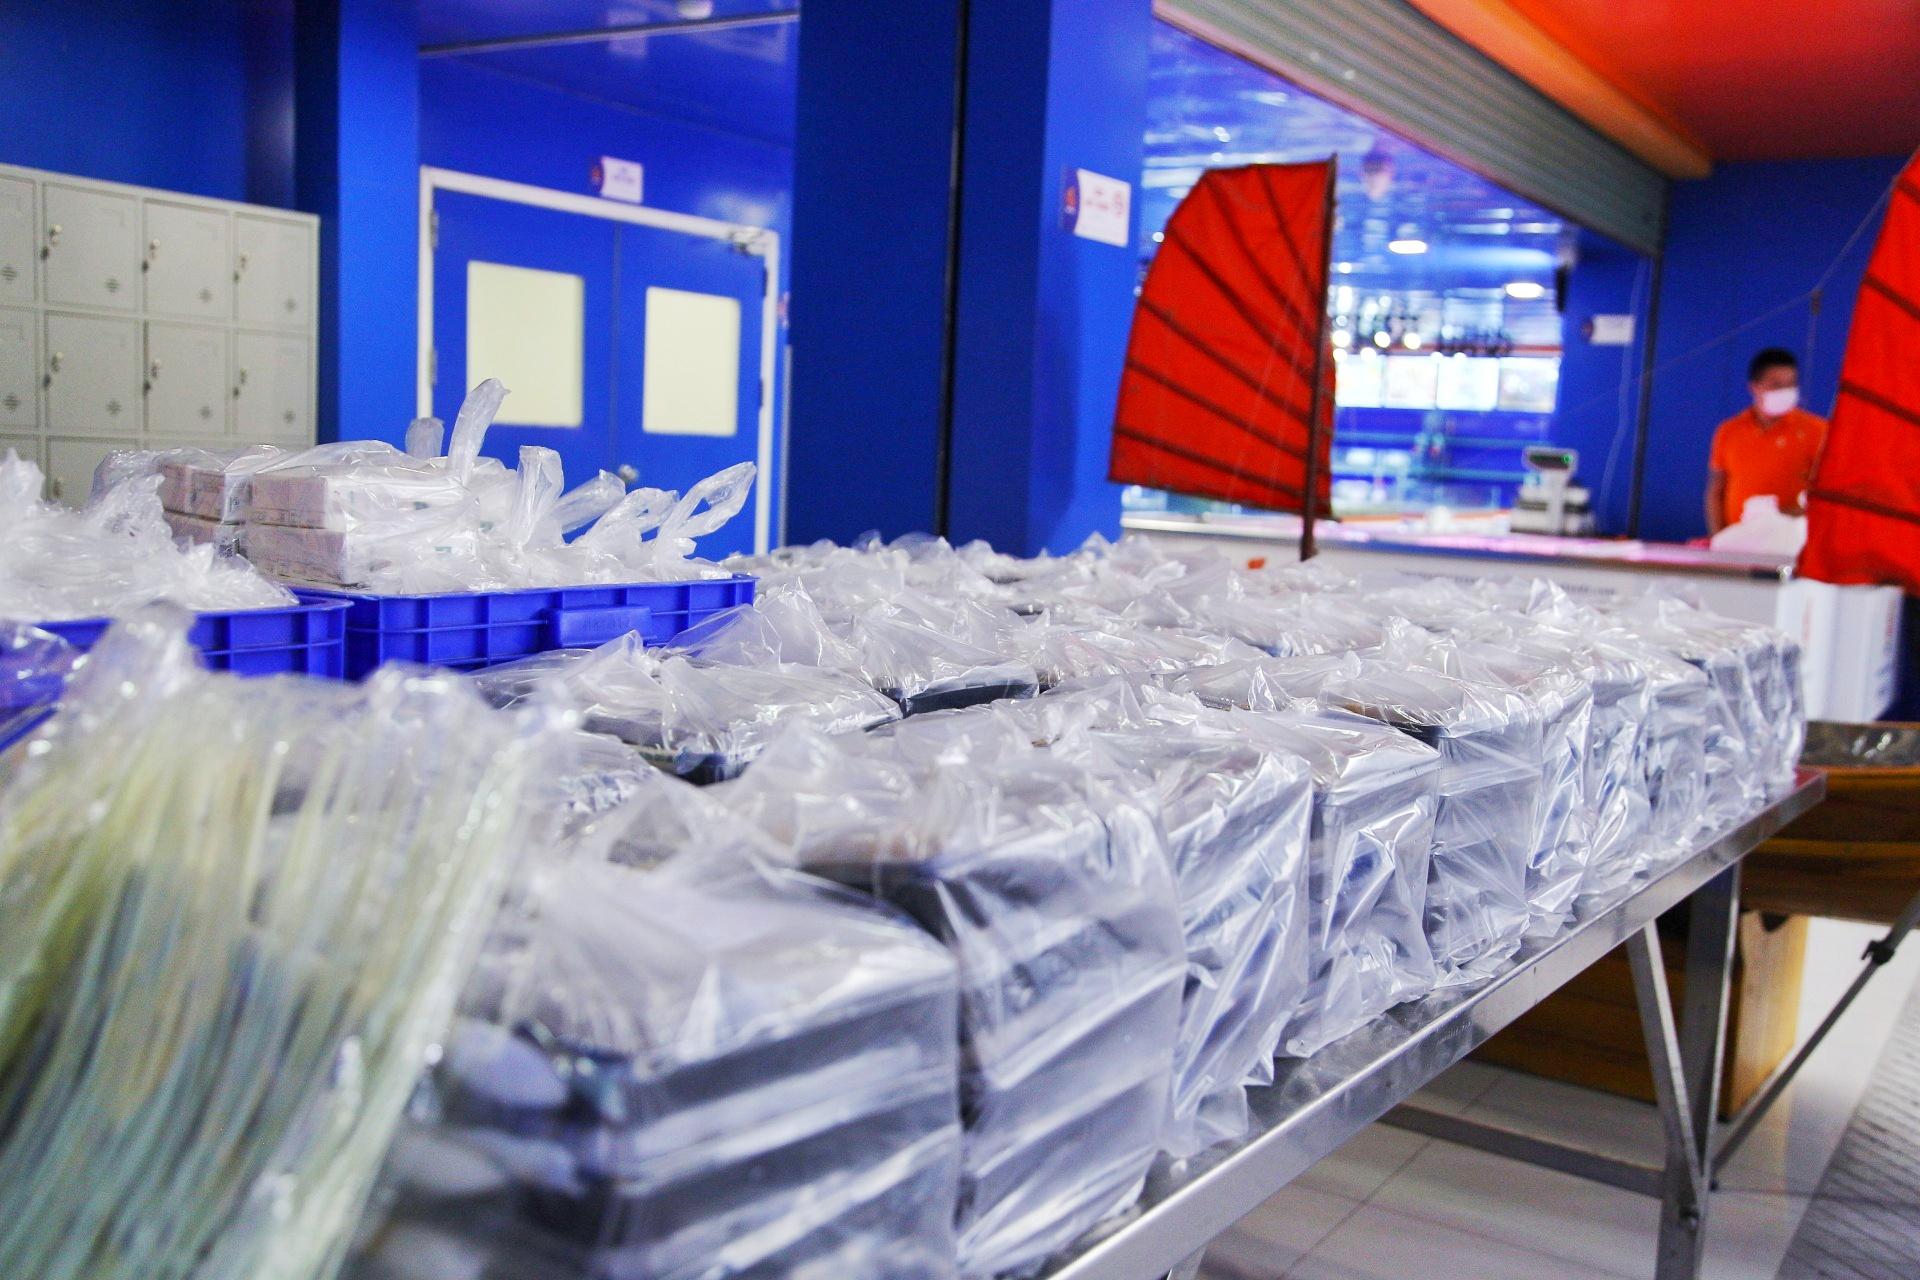 Khoảng 10h, các suất cơm đã sẵn sàng để vận chuyển. Trước đó, Food Banks Việt Nam và BNAFOODS đã làm việc với Ủy ban MTTQ quận Hai Bà Trưng trong ngày đầu thực hiện, lên danh sách các địa điểm và số lượng suất ăn hỗ trợ cụ thể.